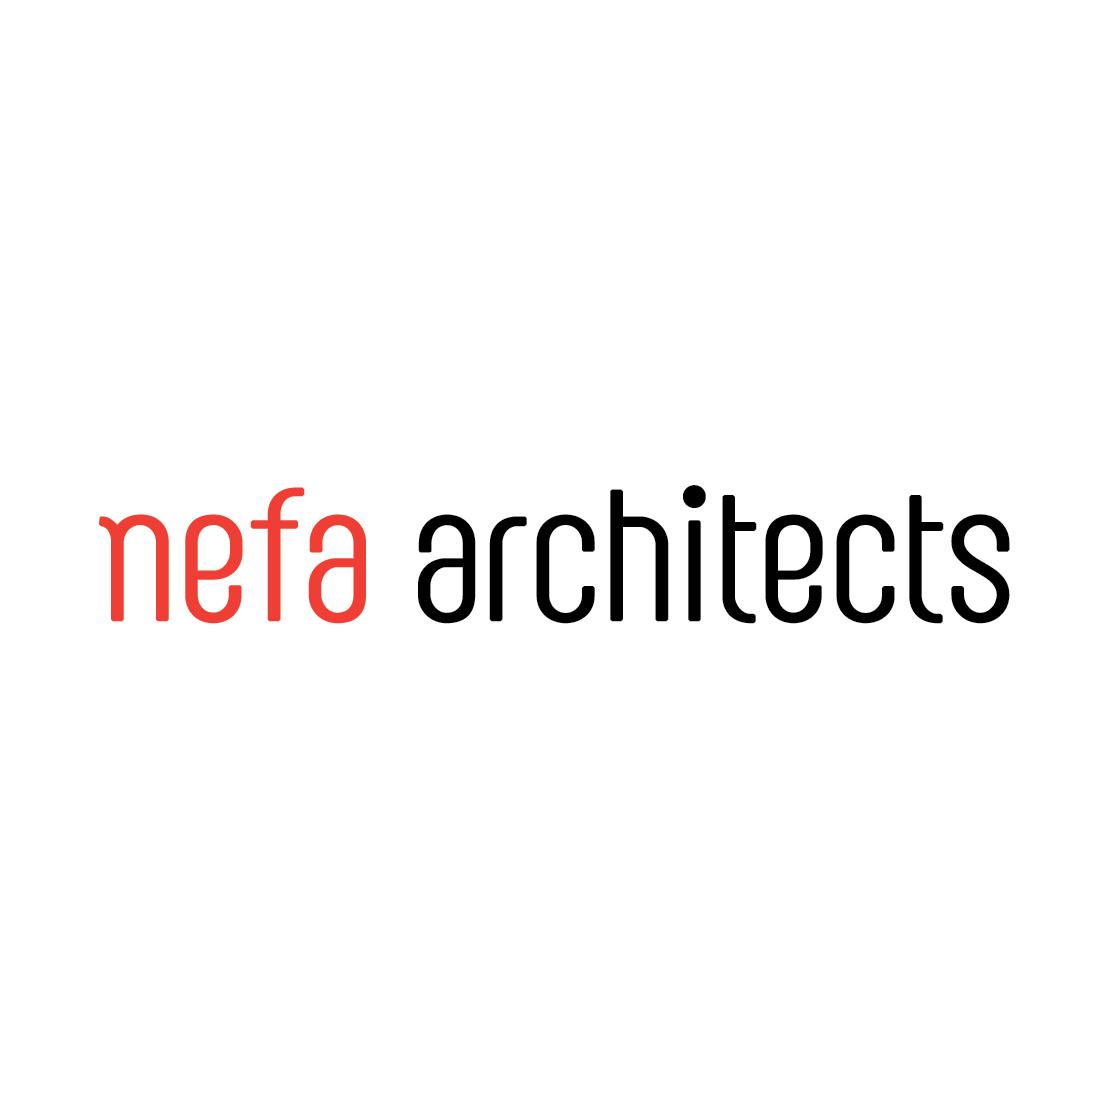 Nefa architects leo burnett Mural Archello Nefa Architects Archello